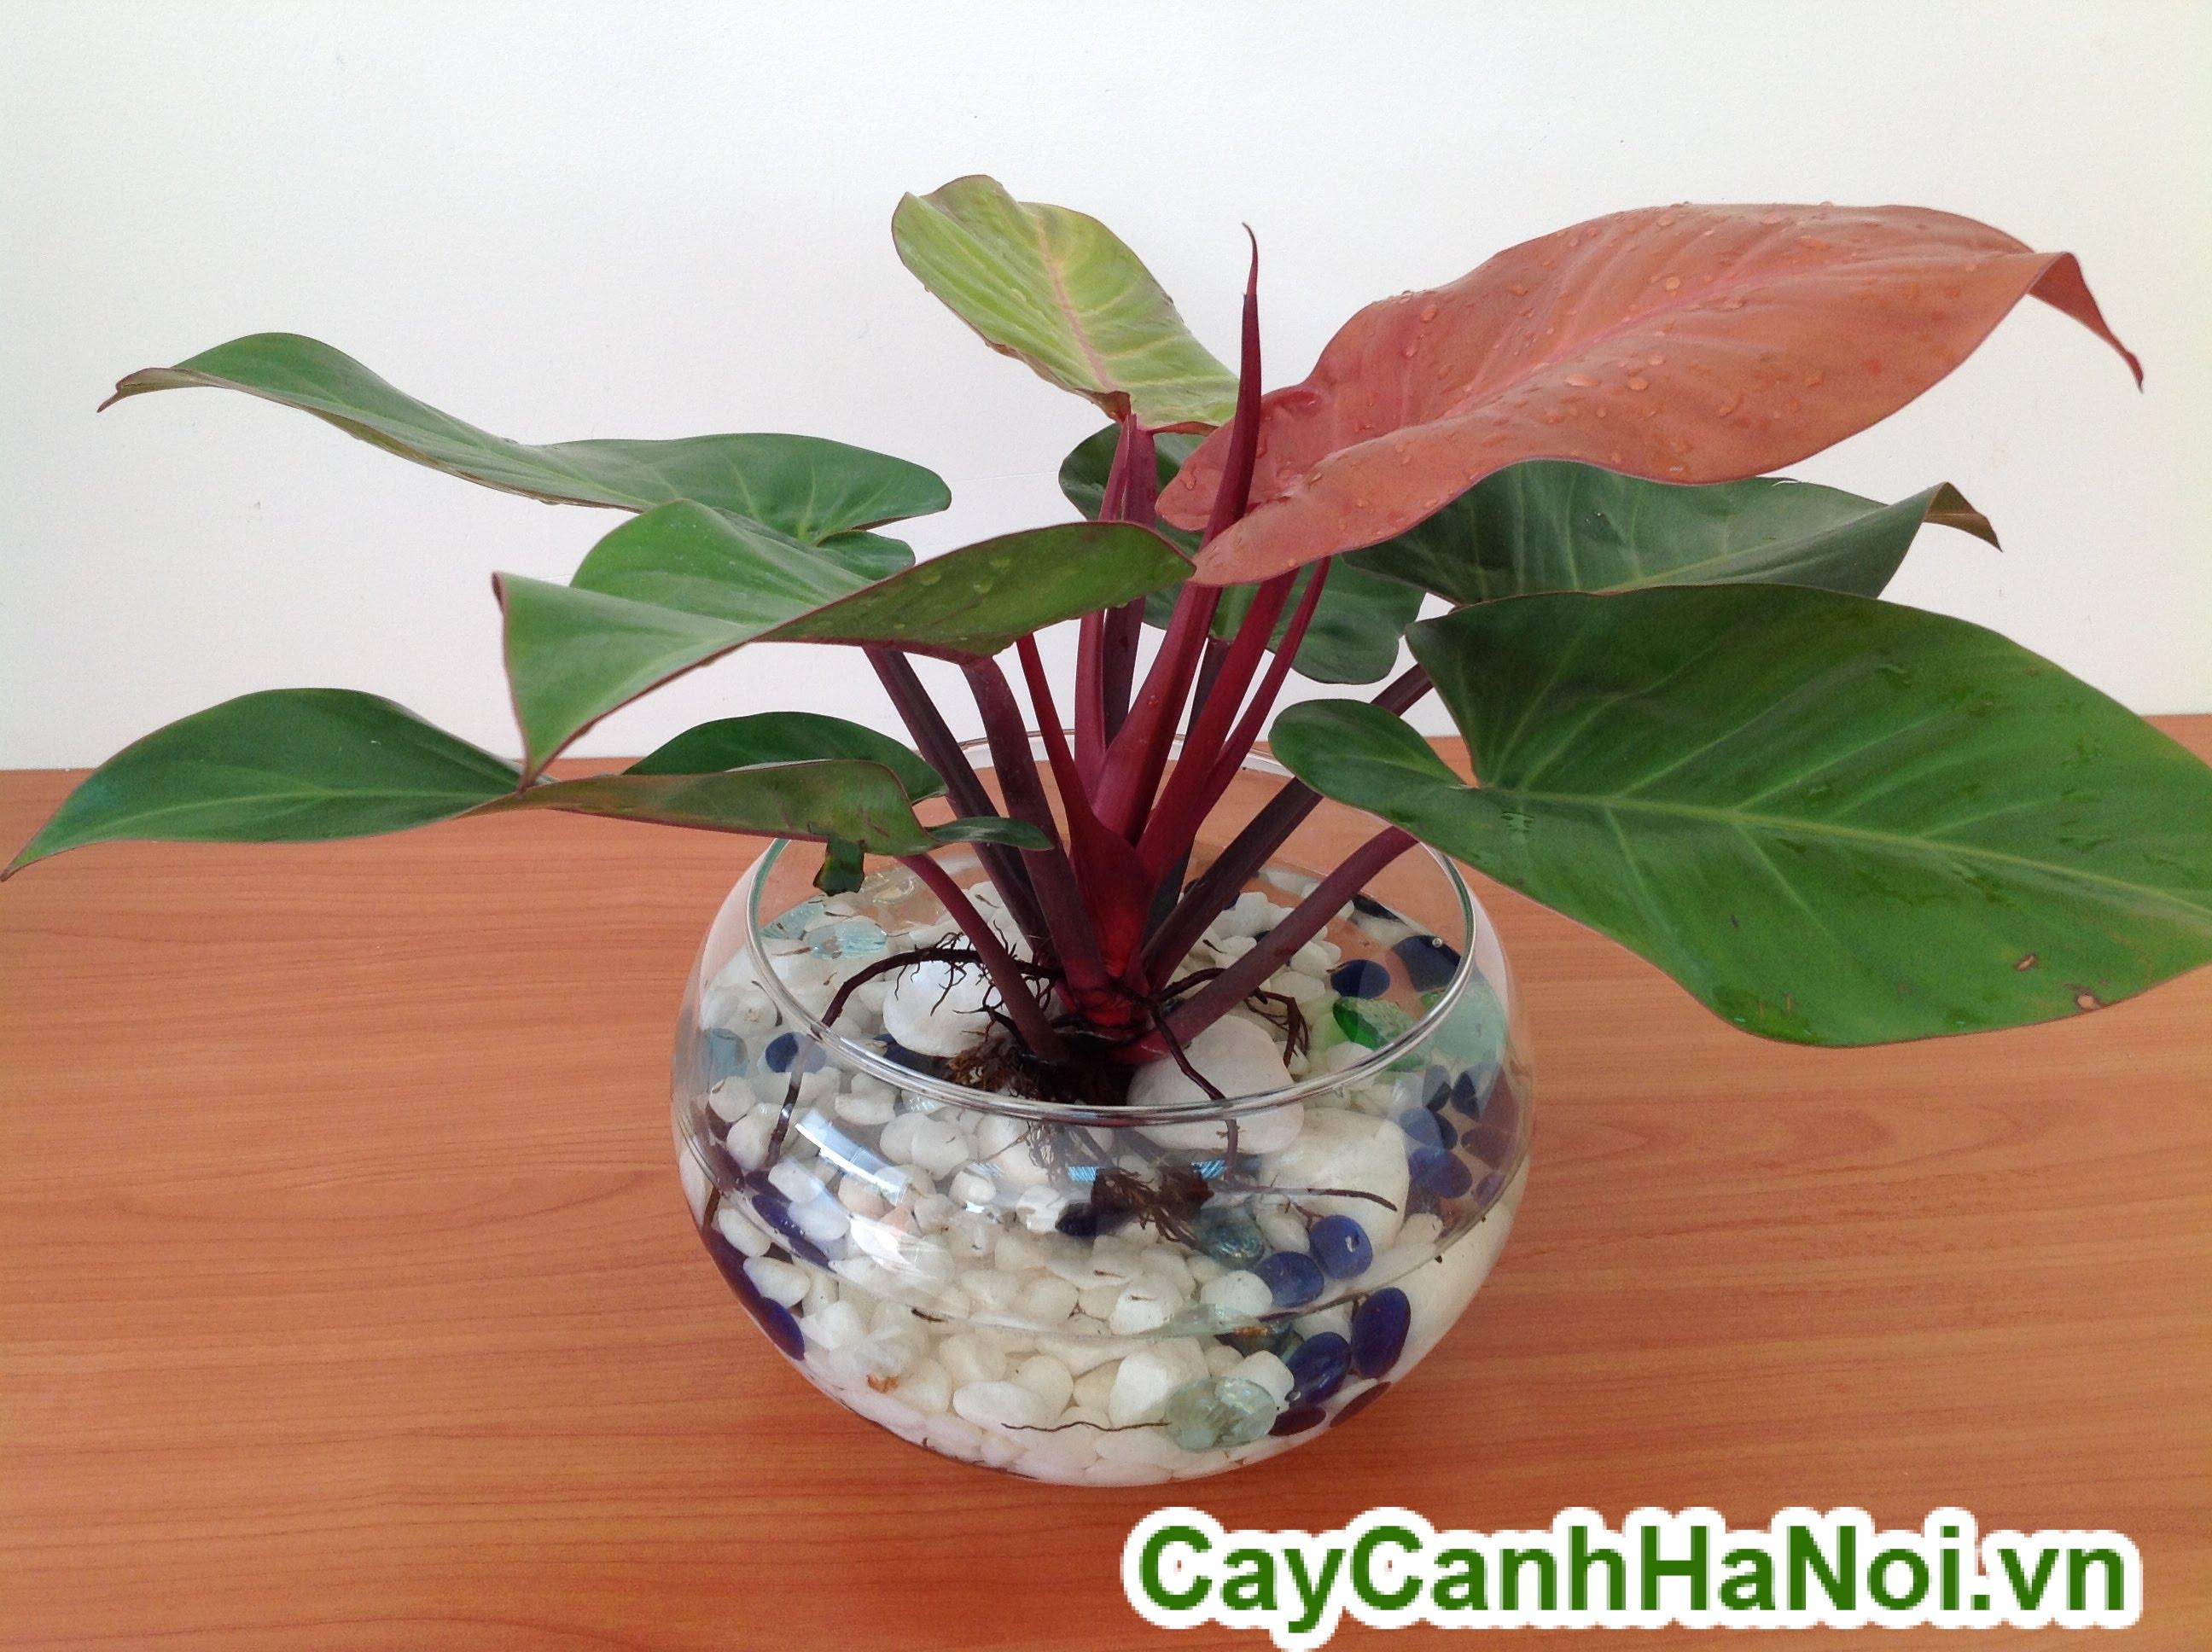 http://caycanhdalat.vn/san-pham/cay-dai-de-noi-van-phong